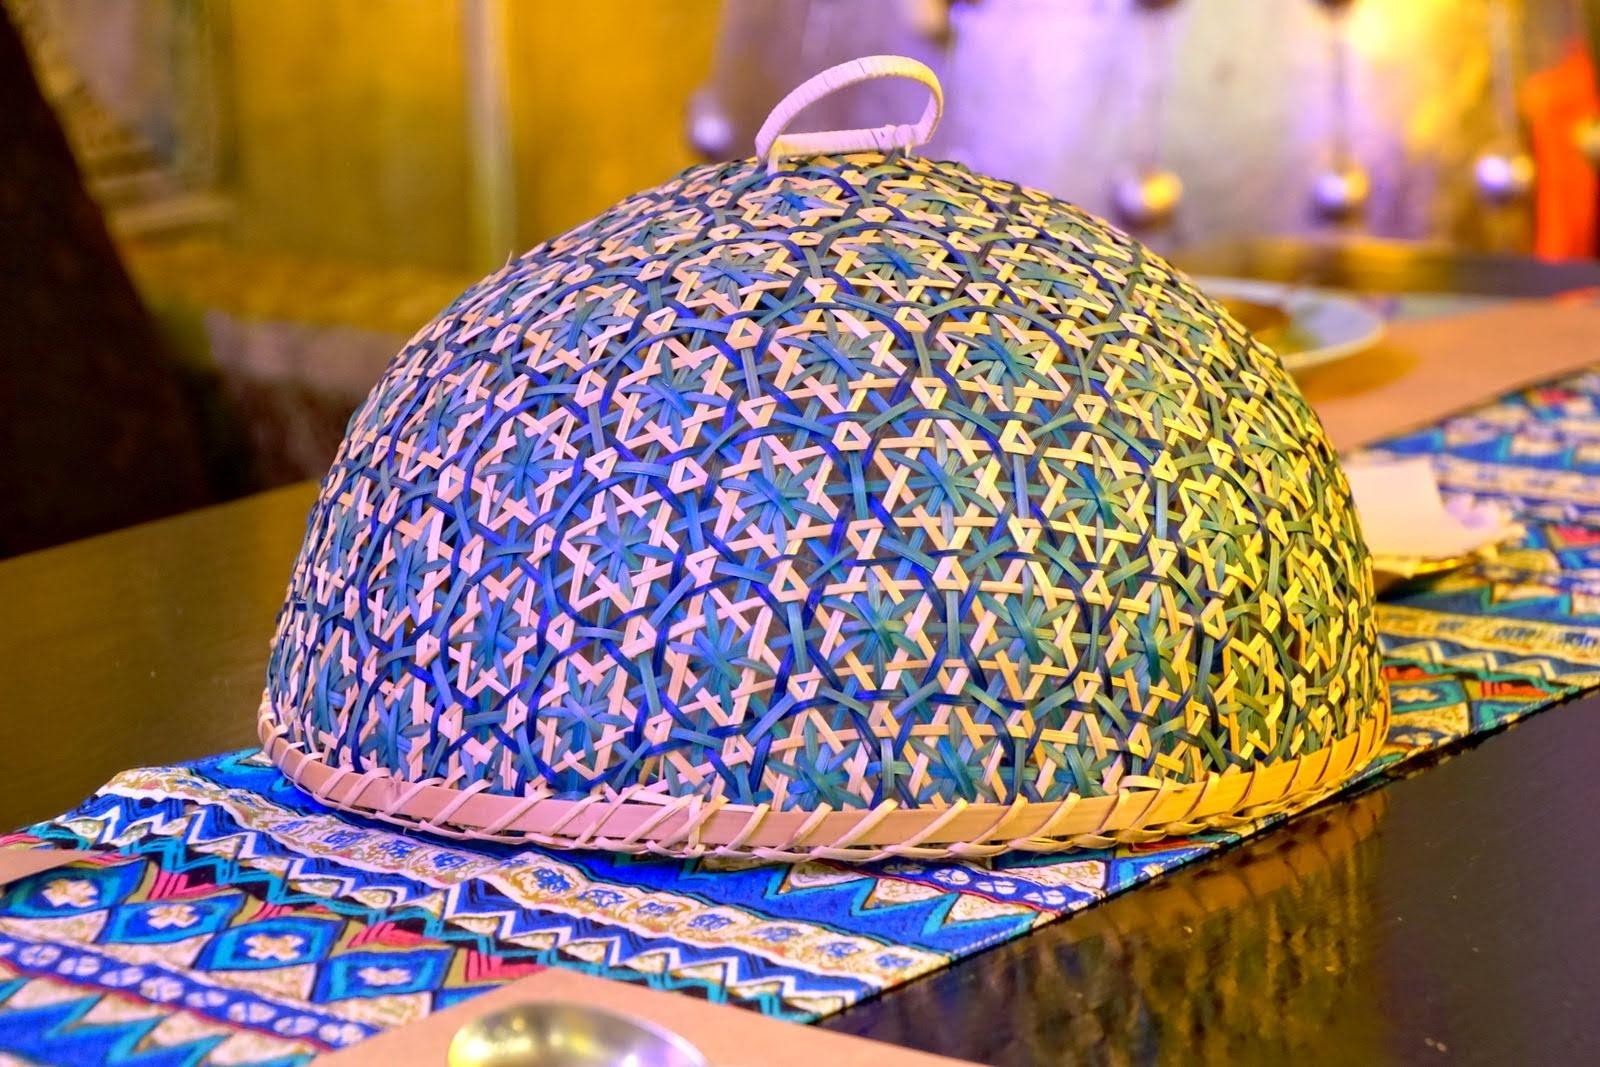 [台南][東區] Nest de 后院泰式餐廳|食記